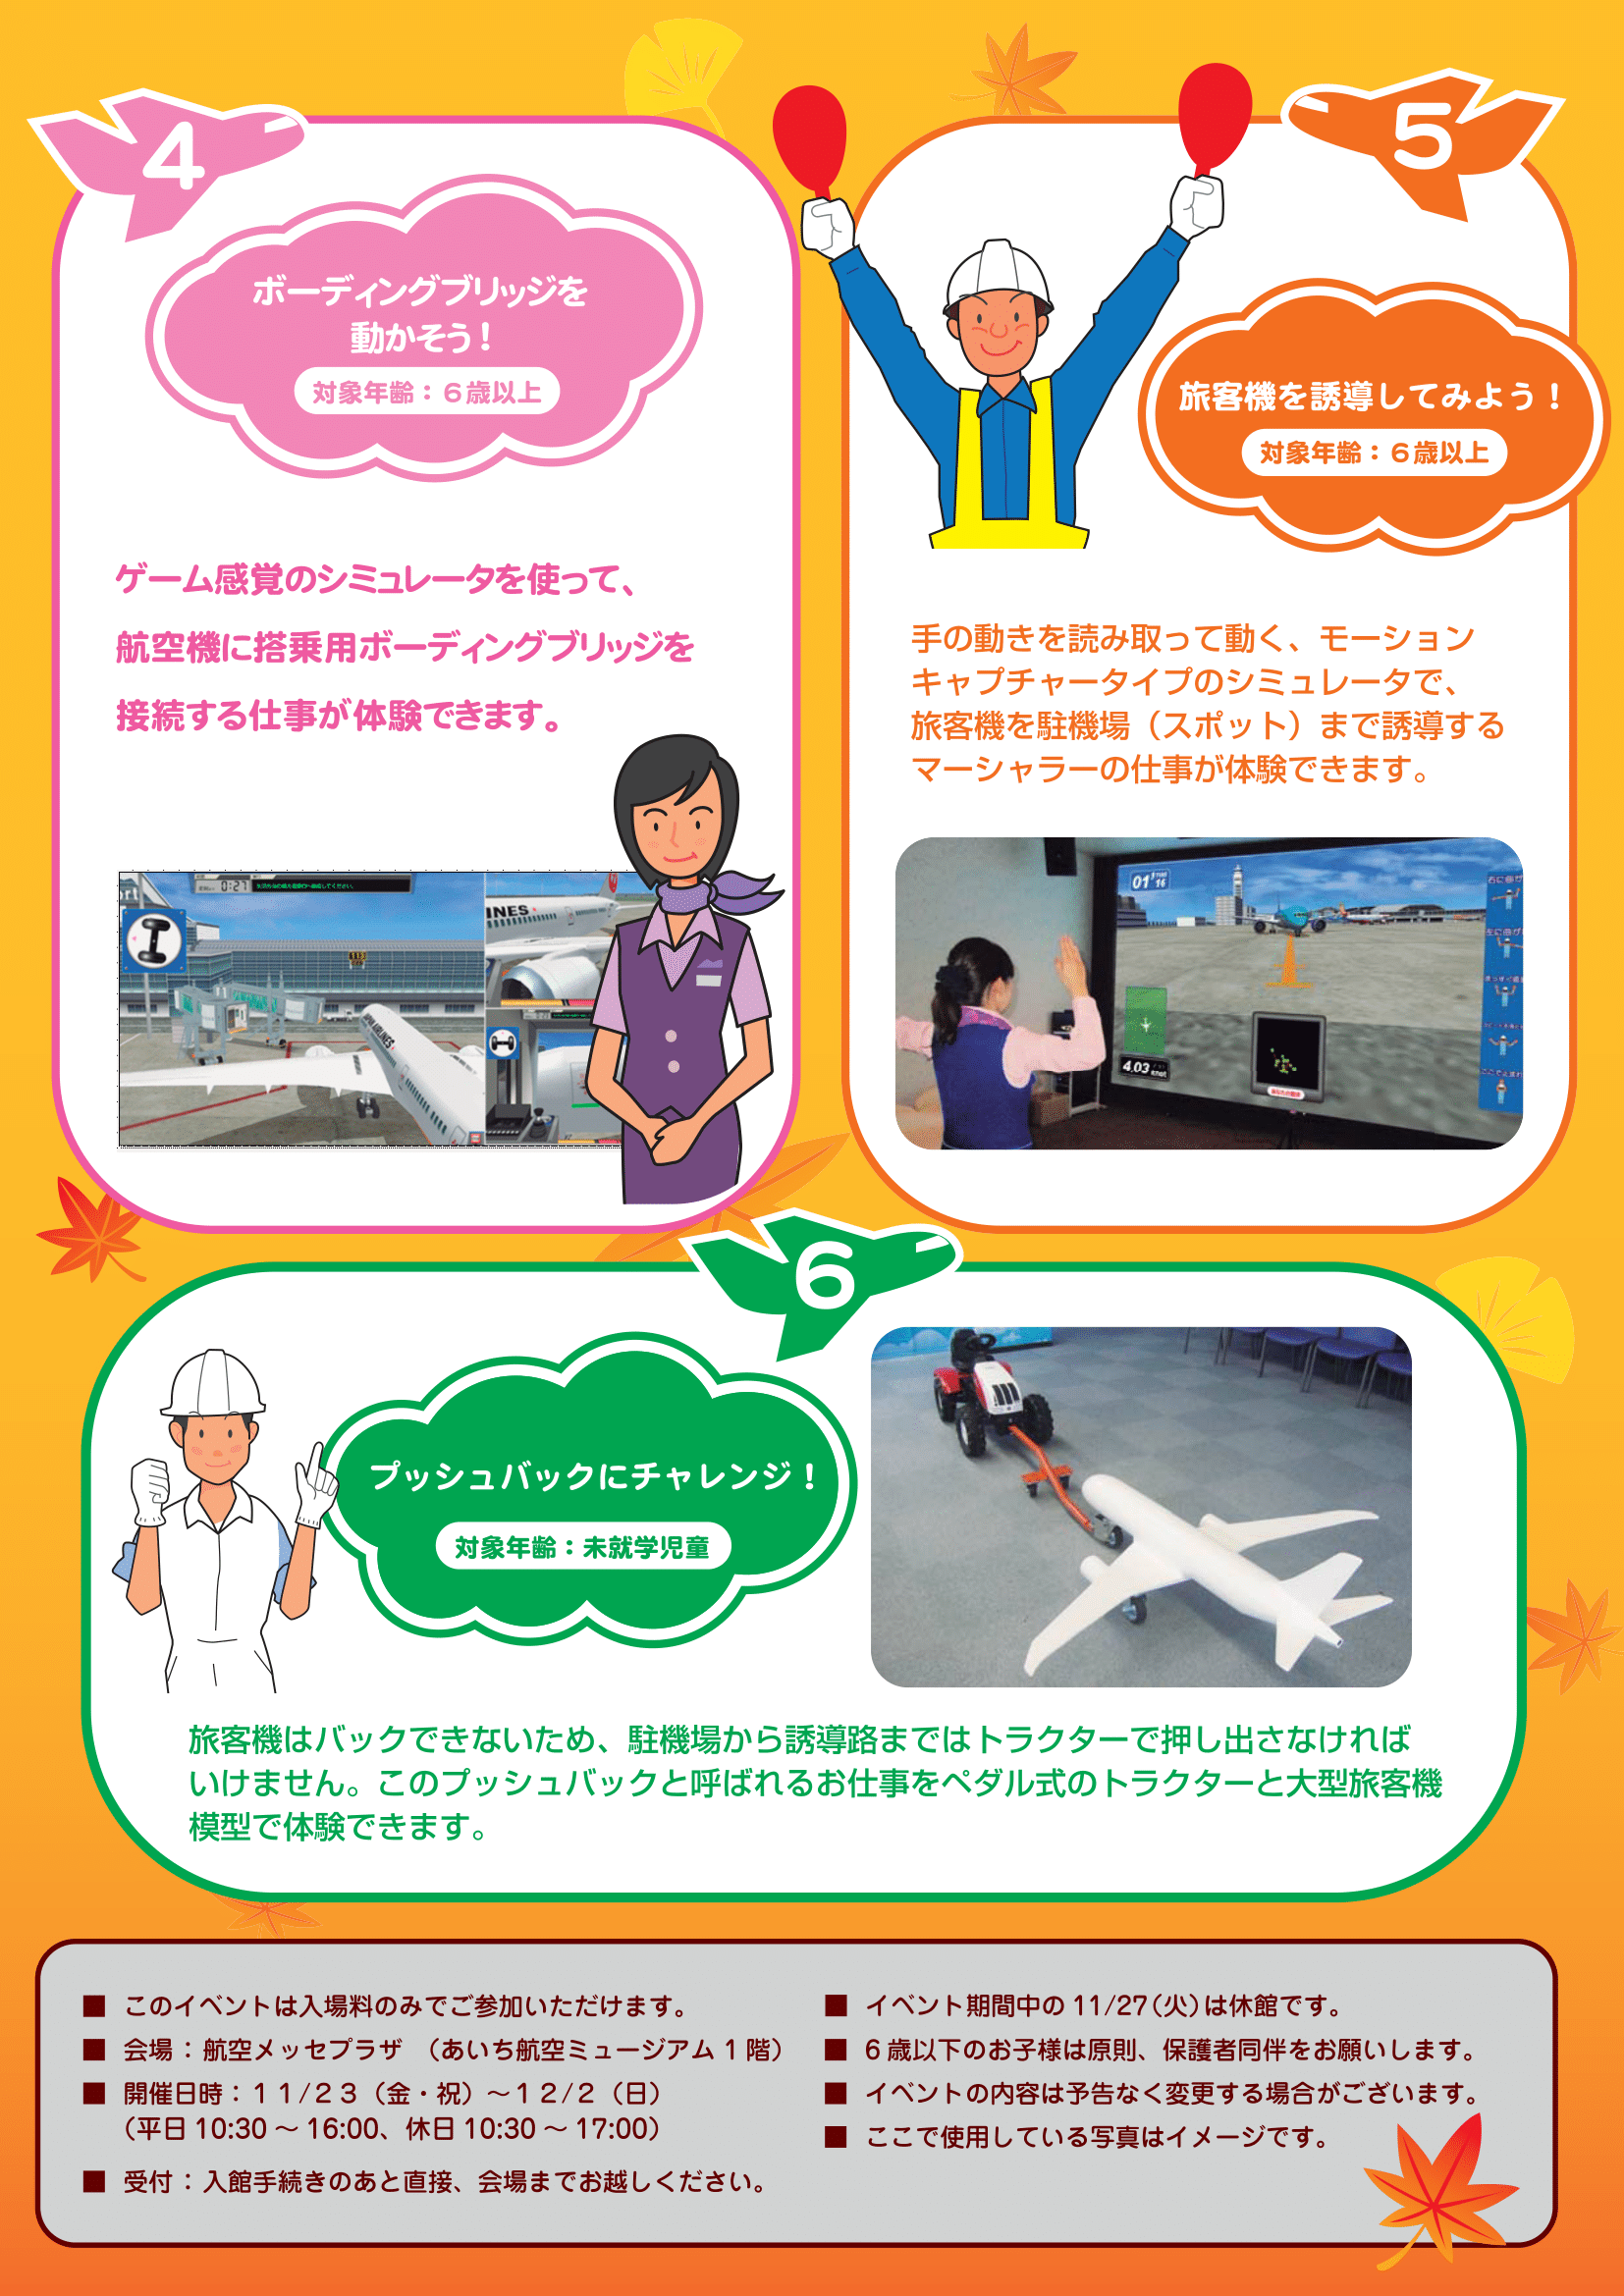 あいち航空ミュージアム秋イベントチラシ181101-2.png